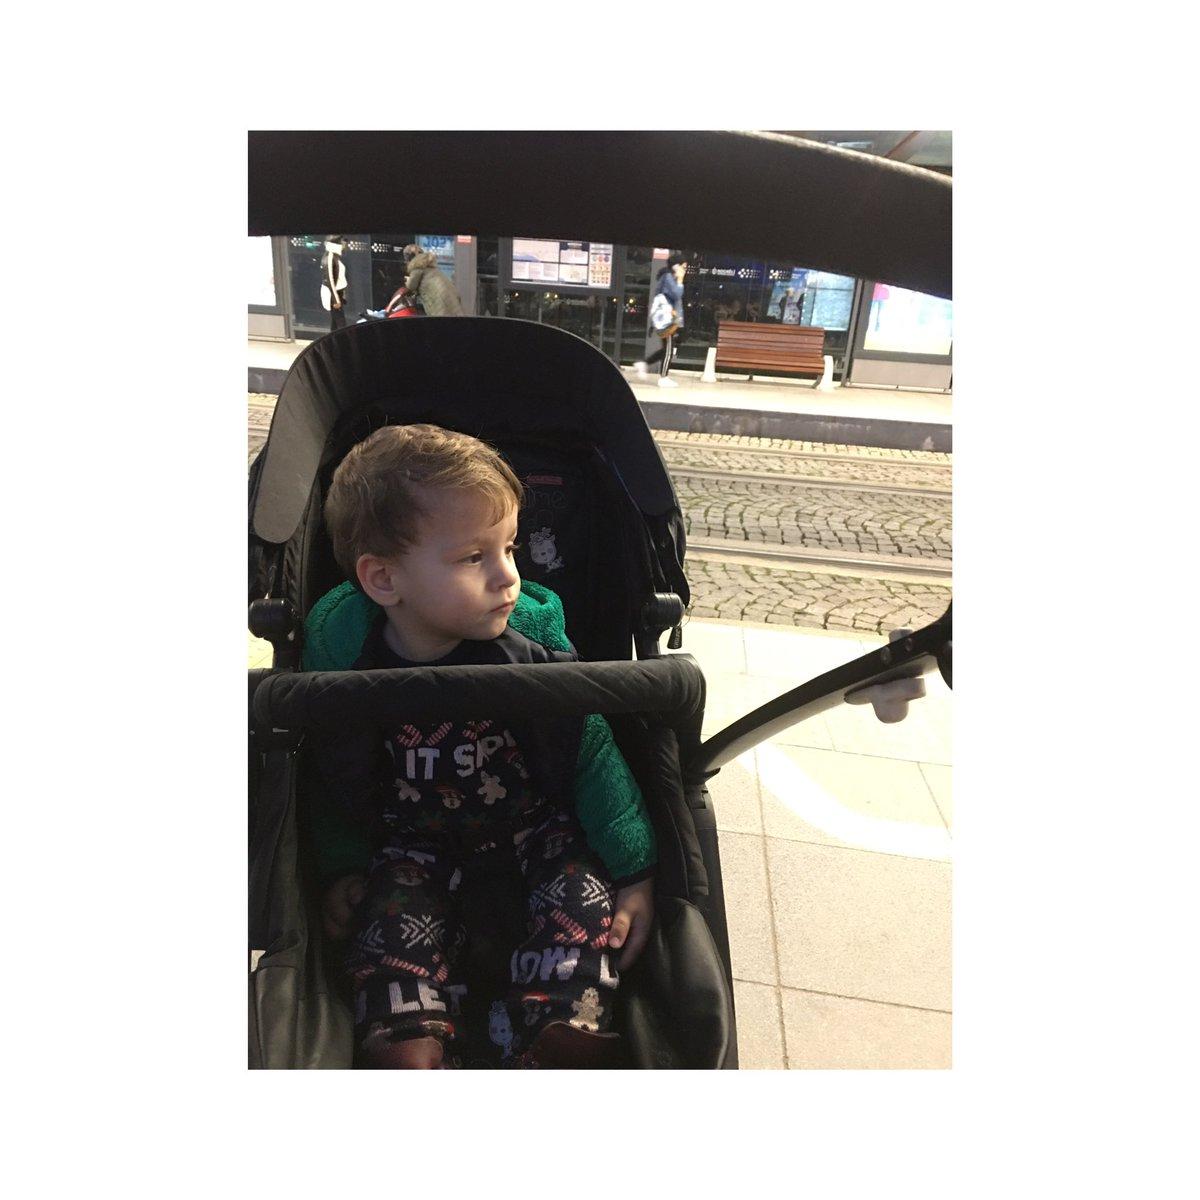 Büyük ihtimalle büyüdüğünde ünlü düşünür olacak bu çocuk 😂 ne düşünüyosa şaka şaka sarı bi karı vardı onu kesiyodu 😂😂😂 #boy #baby #son